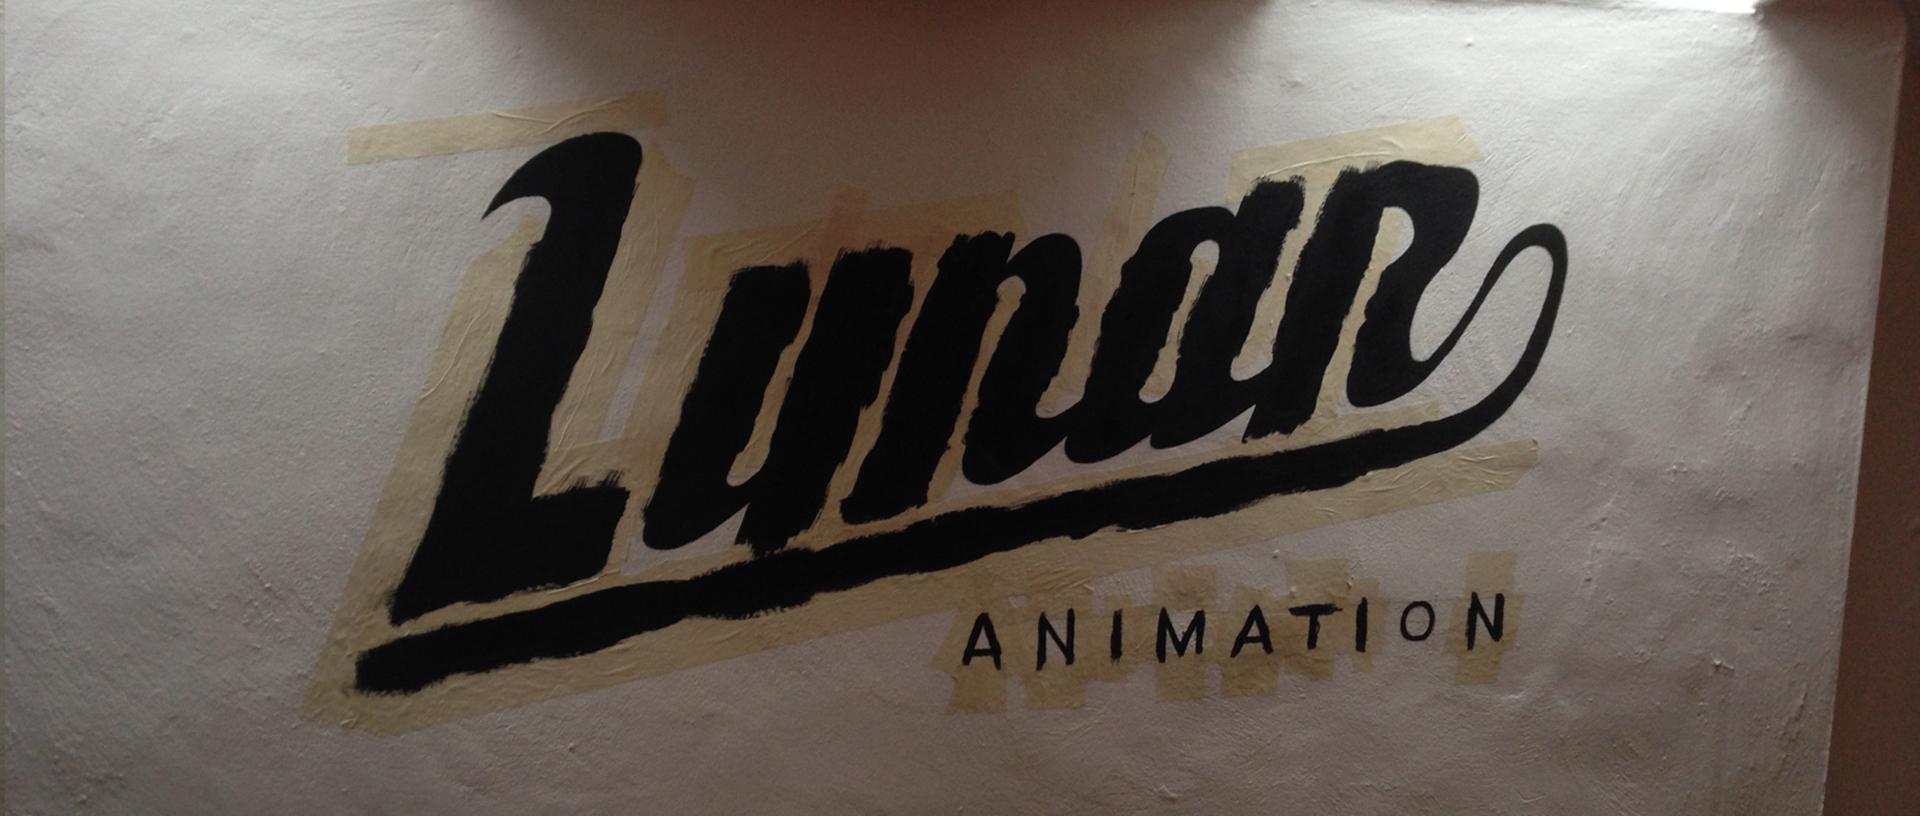 Lunar Animation Filled